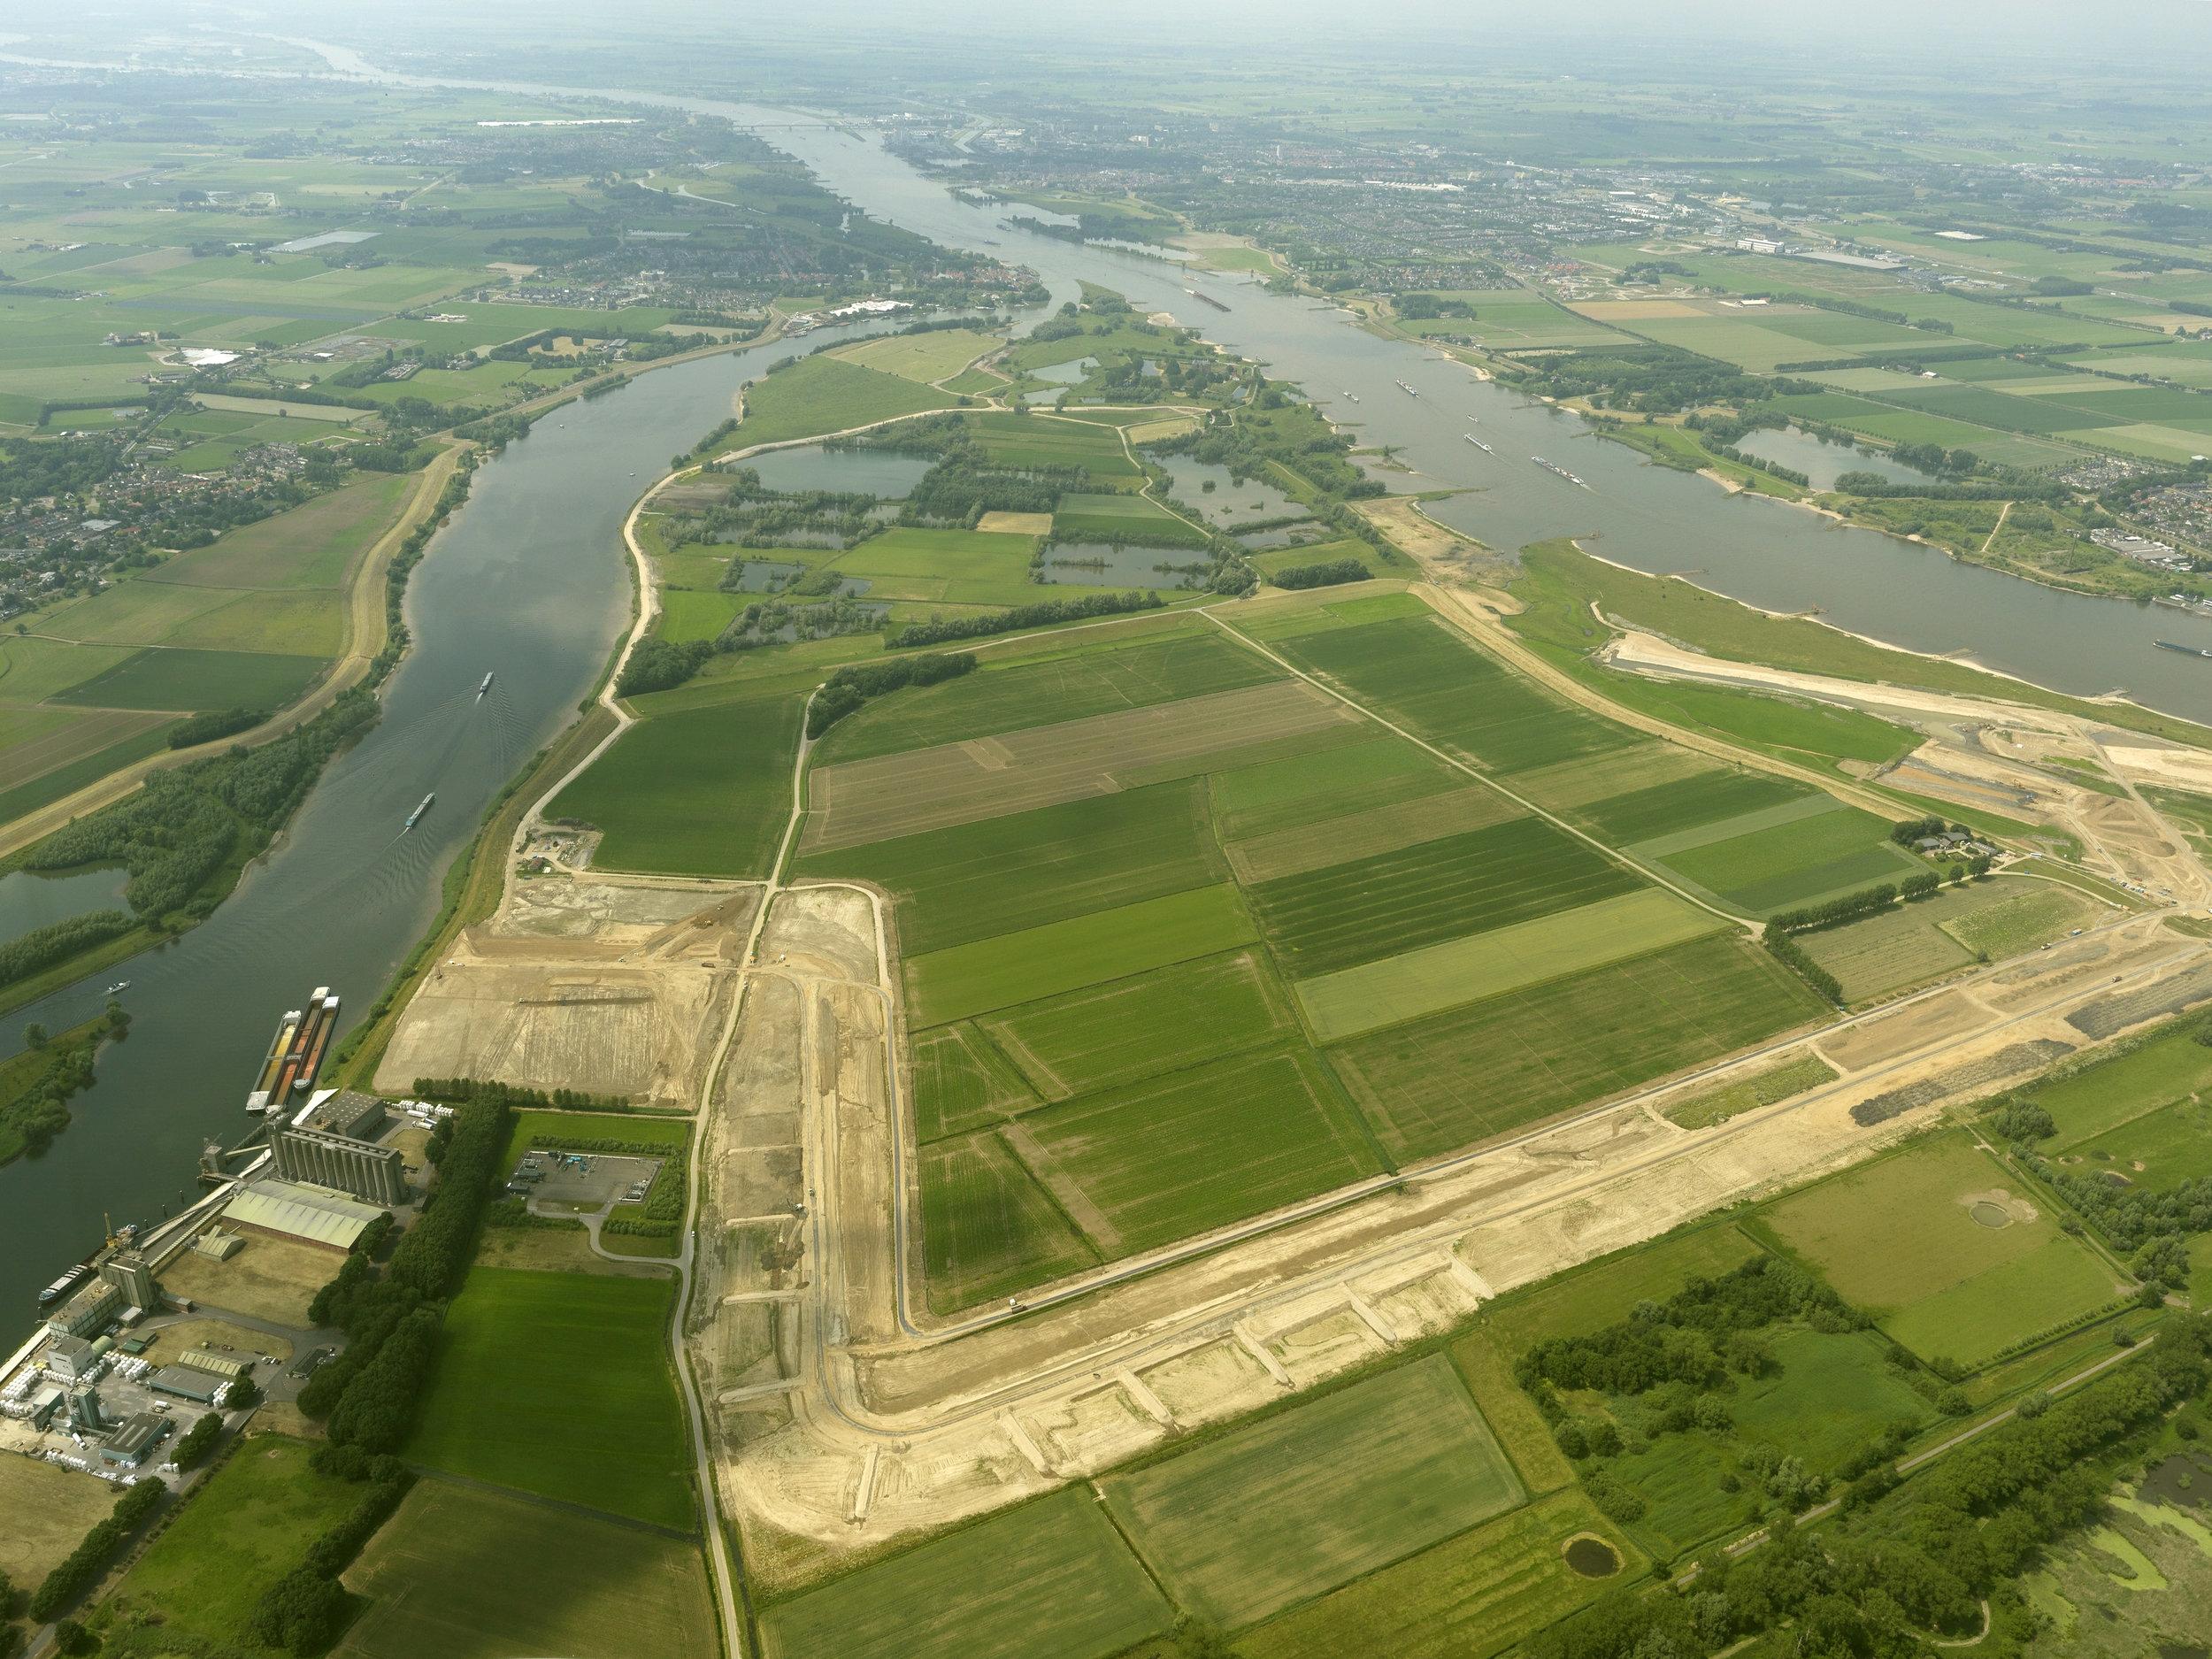 Ruimte voor de rivier Munnikenland